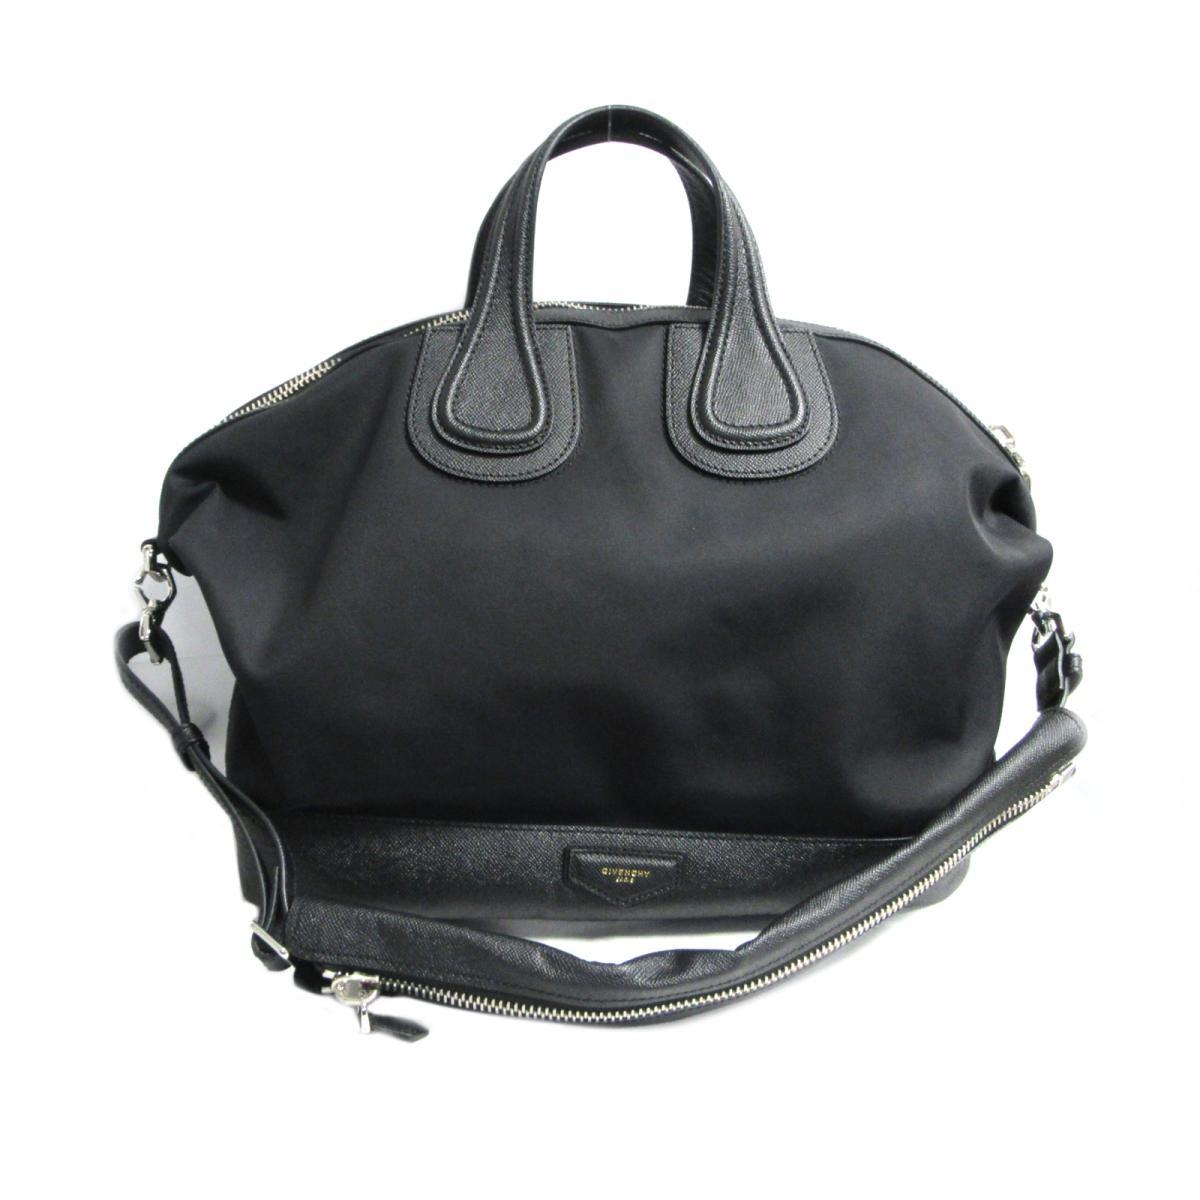 【中古】 ジバンシー ナイチンゲール 2wayショルダーバッグ メンズ レディース ナイロン ブラック | GIVENCHY BRANDOFF ブランドオフ ブランド ブランドバッグ バッグ バック ショルダーバッグ